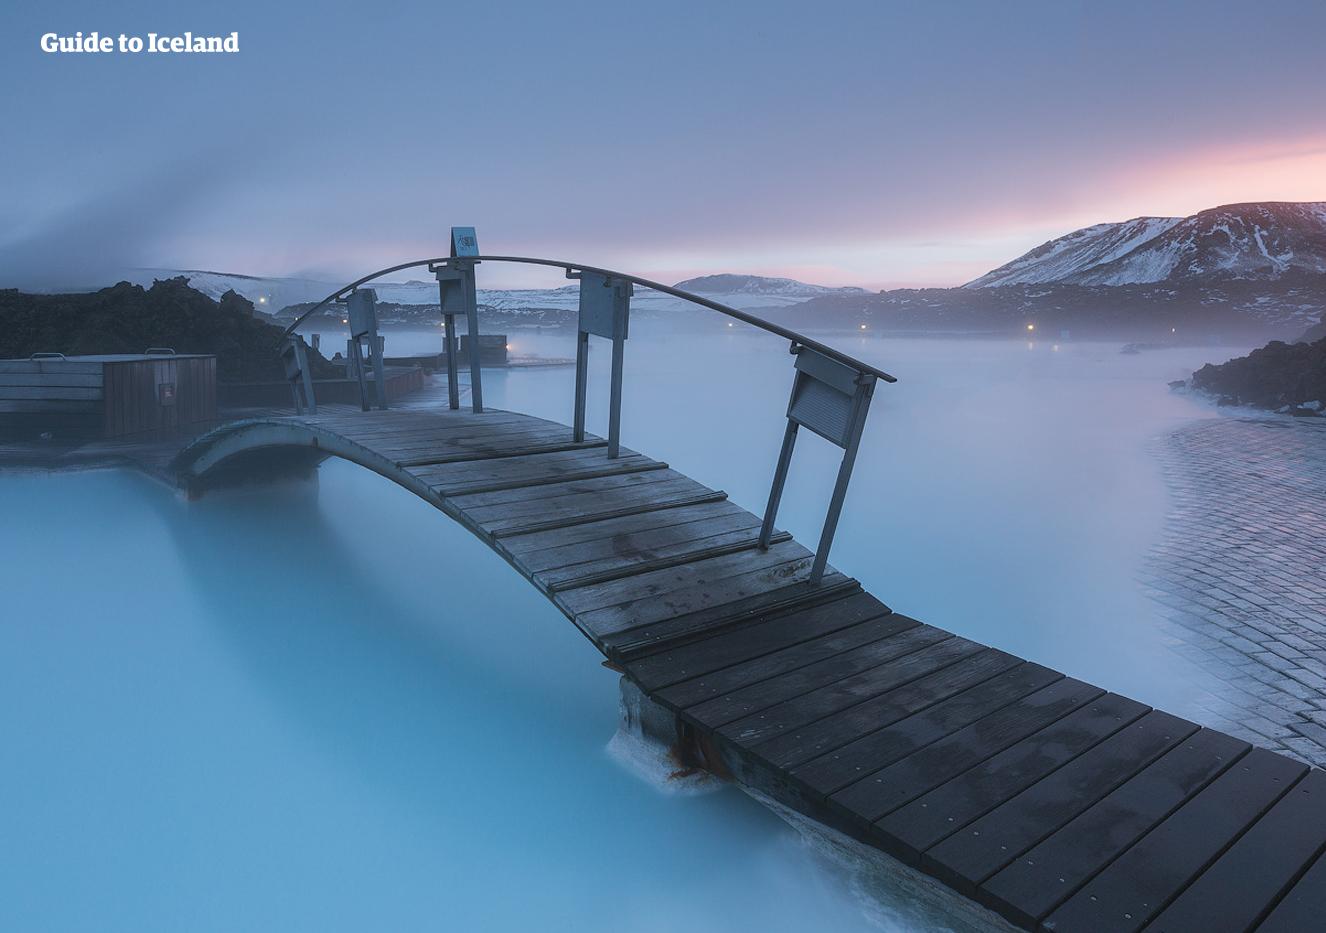 Explora la gran península de Reykjanes, donde encontrarás la Laguna Azul en un viaje a tu aire en invierno.